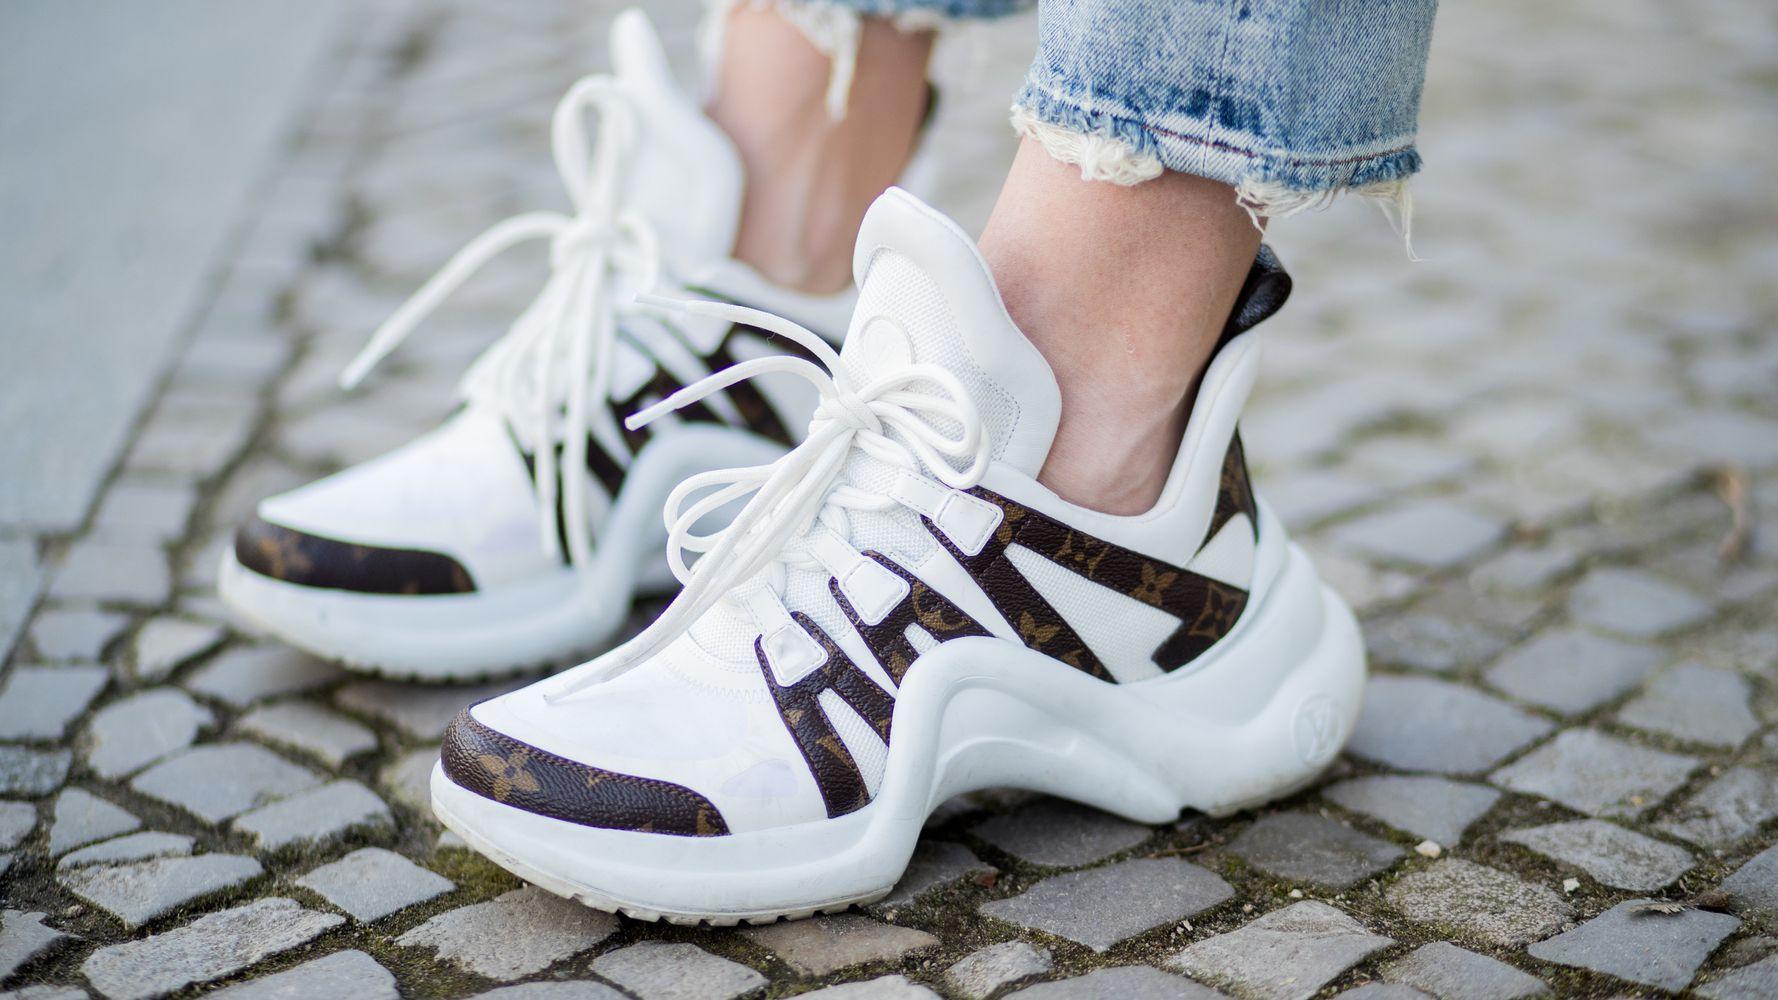 Điểm tin thời trang - Giày thuần chay trở thành xu hướng nóng - Hình 3